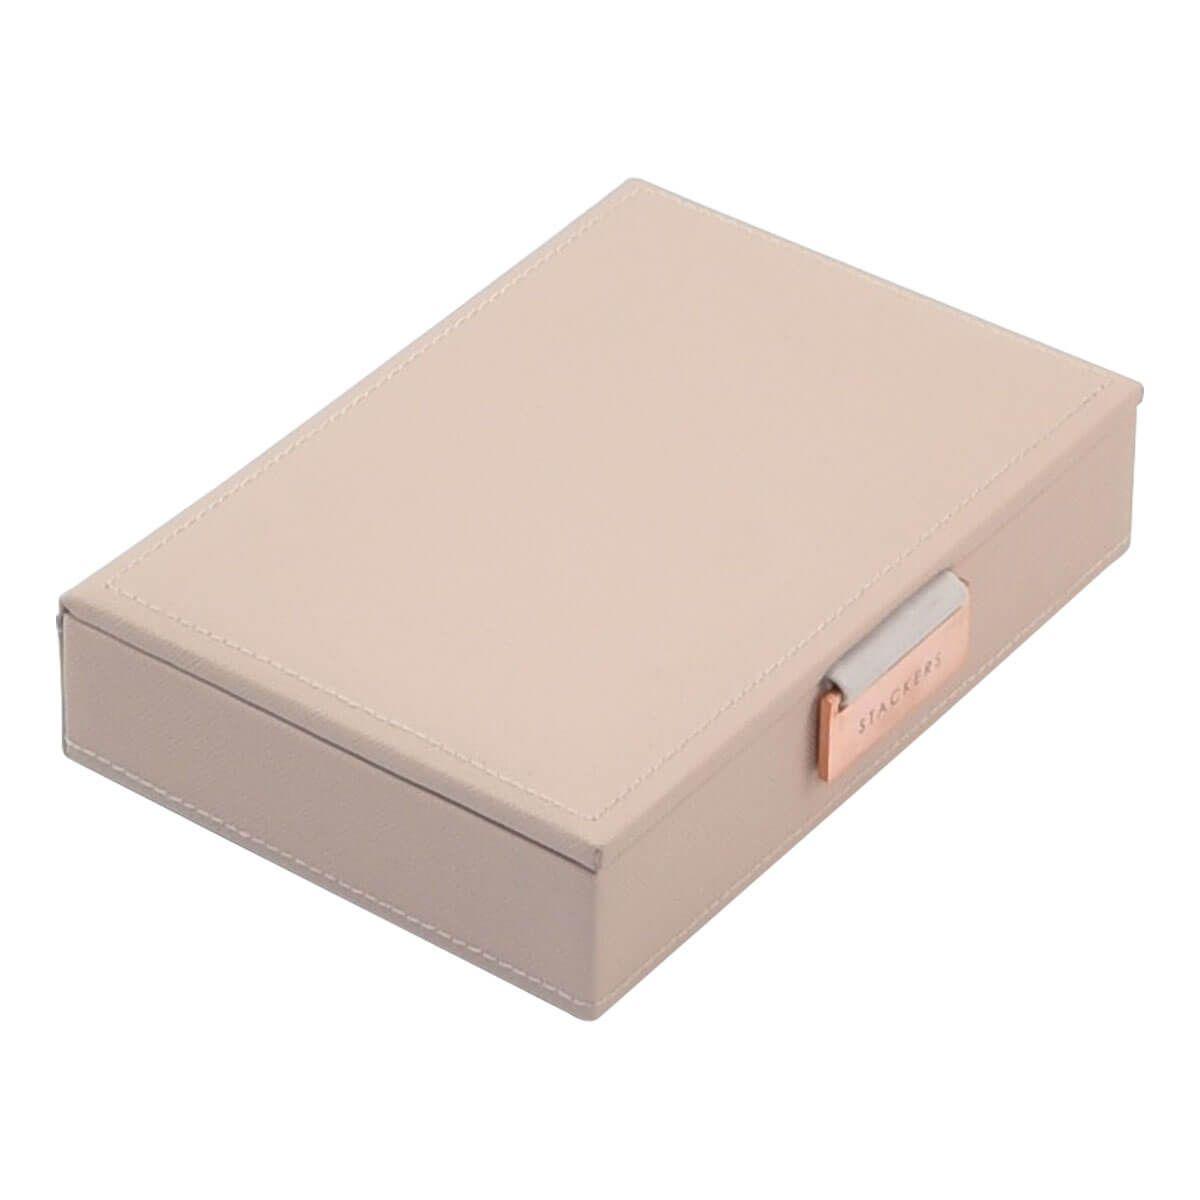 Blush Mini Jewellery Box Lid